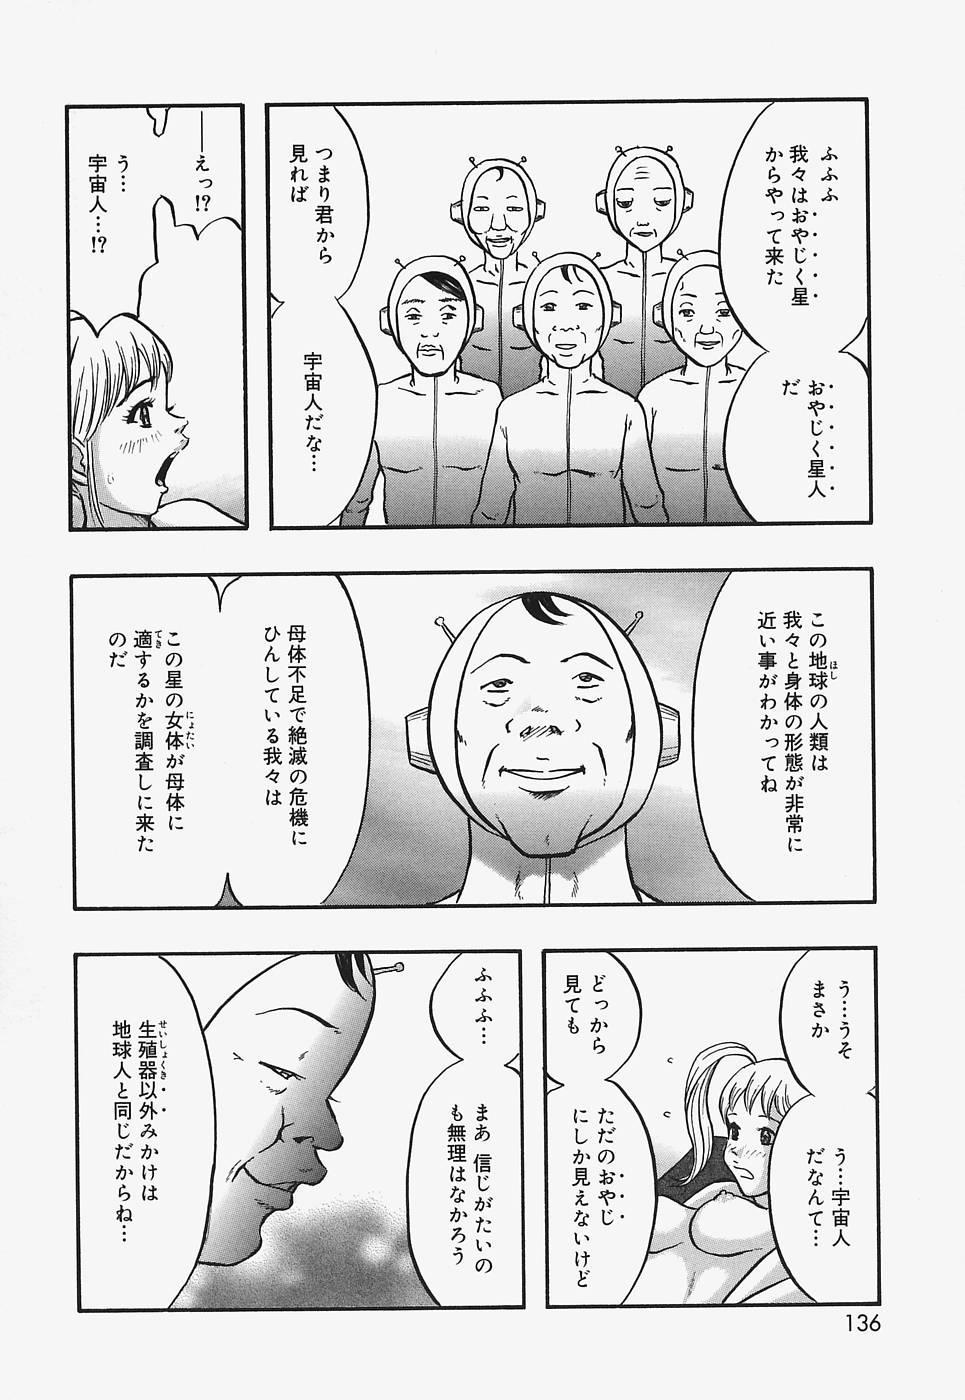 Nurunuru Syoujyo Jiru 135